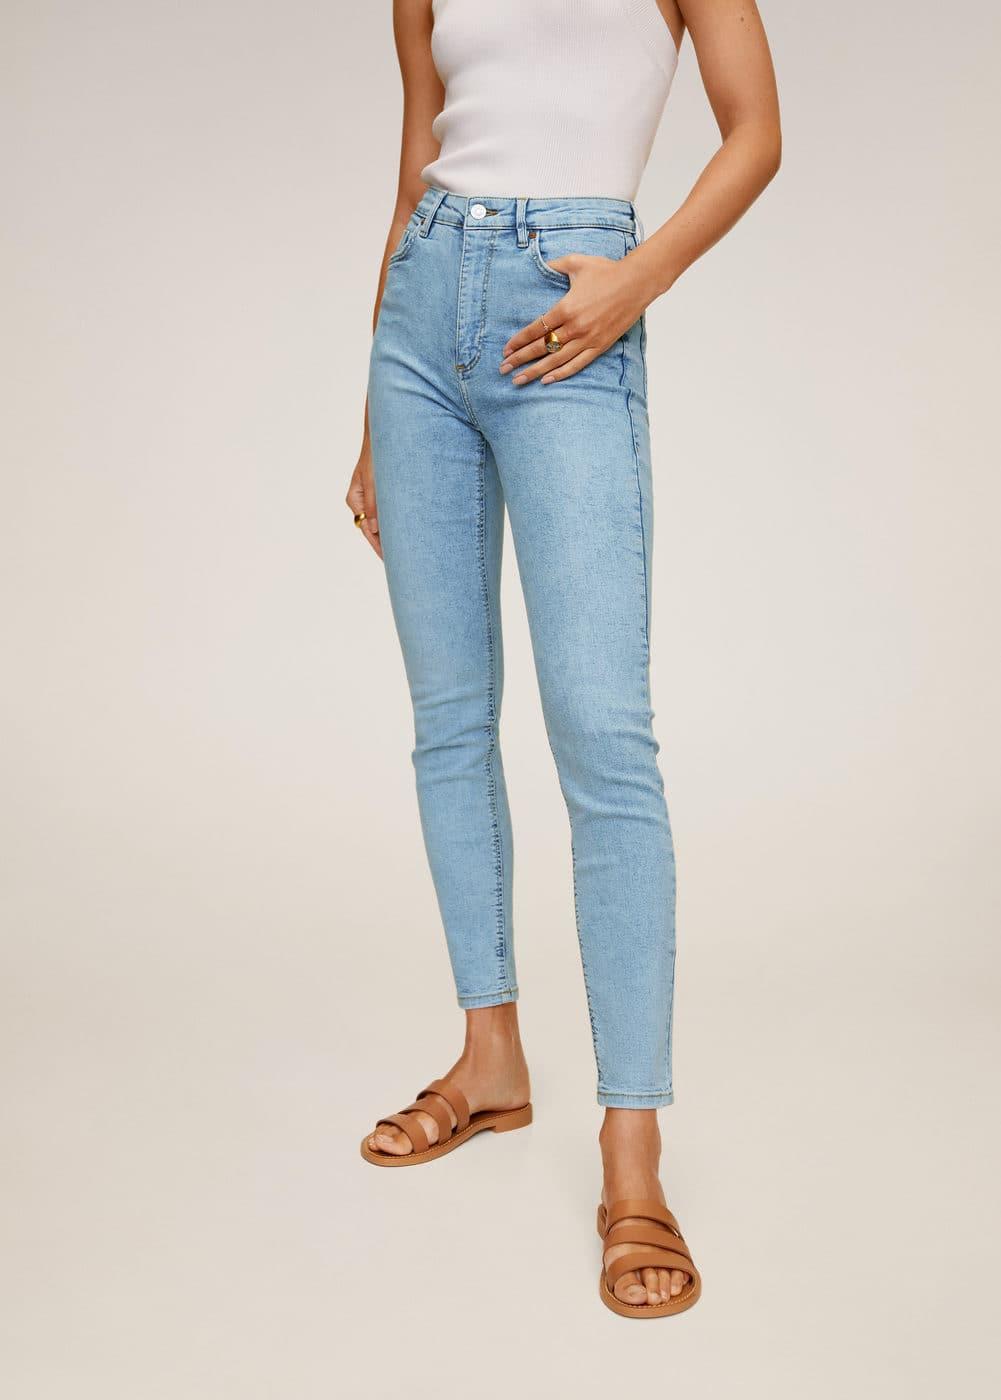 m-noa:jeans skinny high waist noa